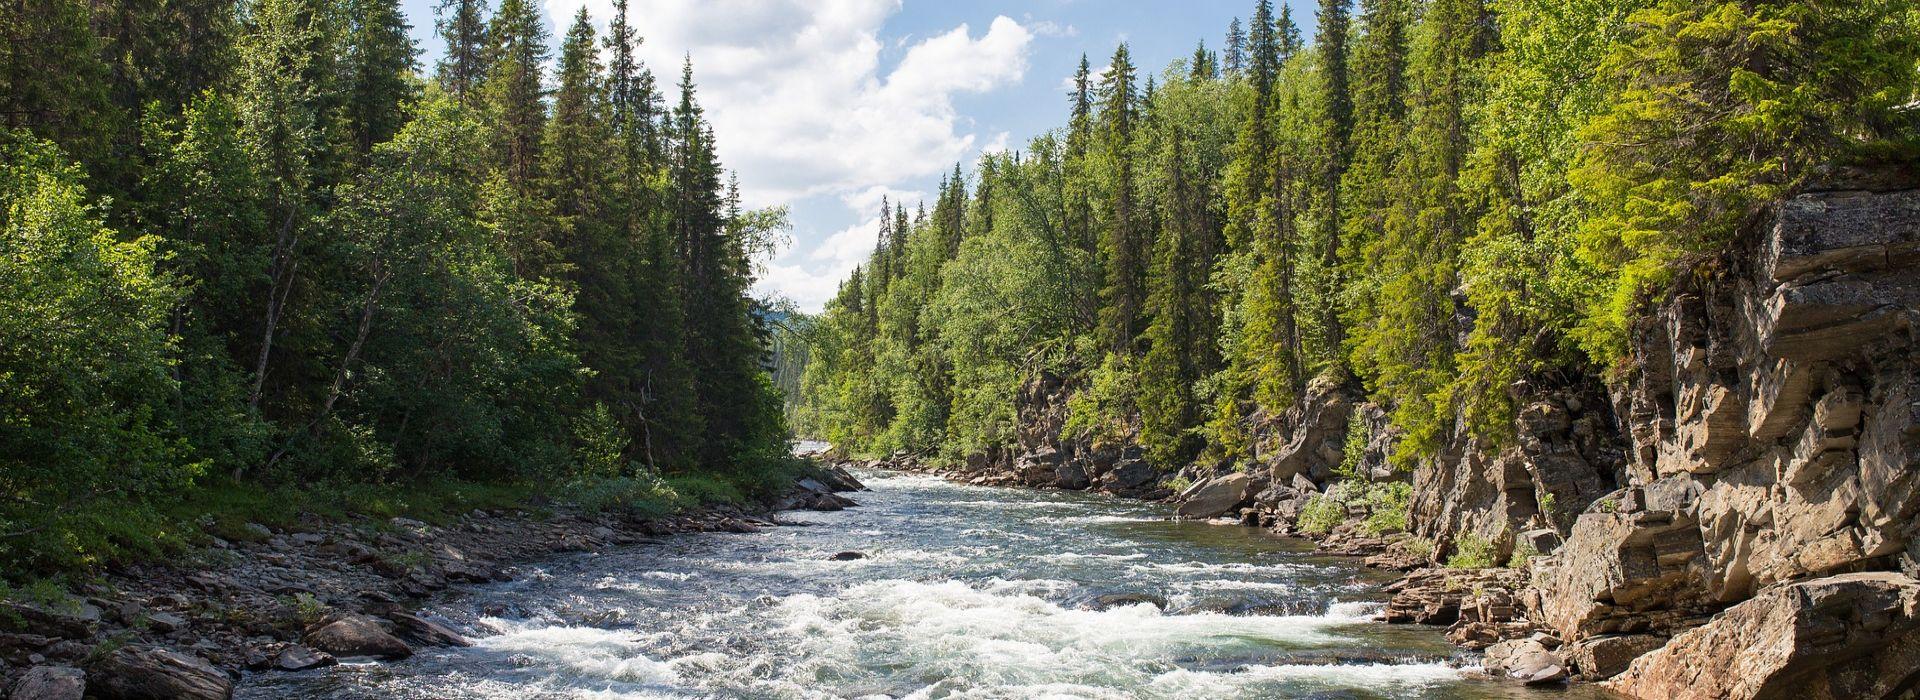 Fluss durch Natur